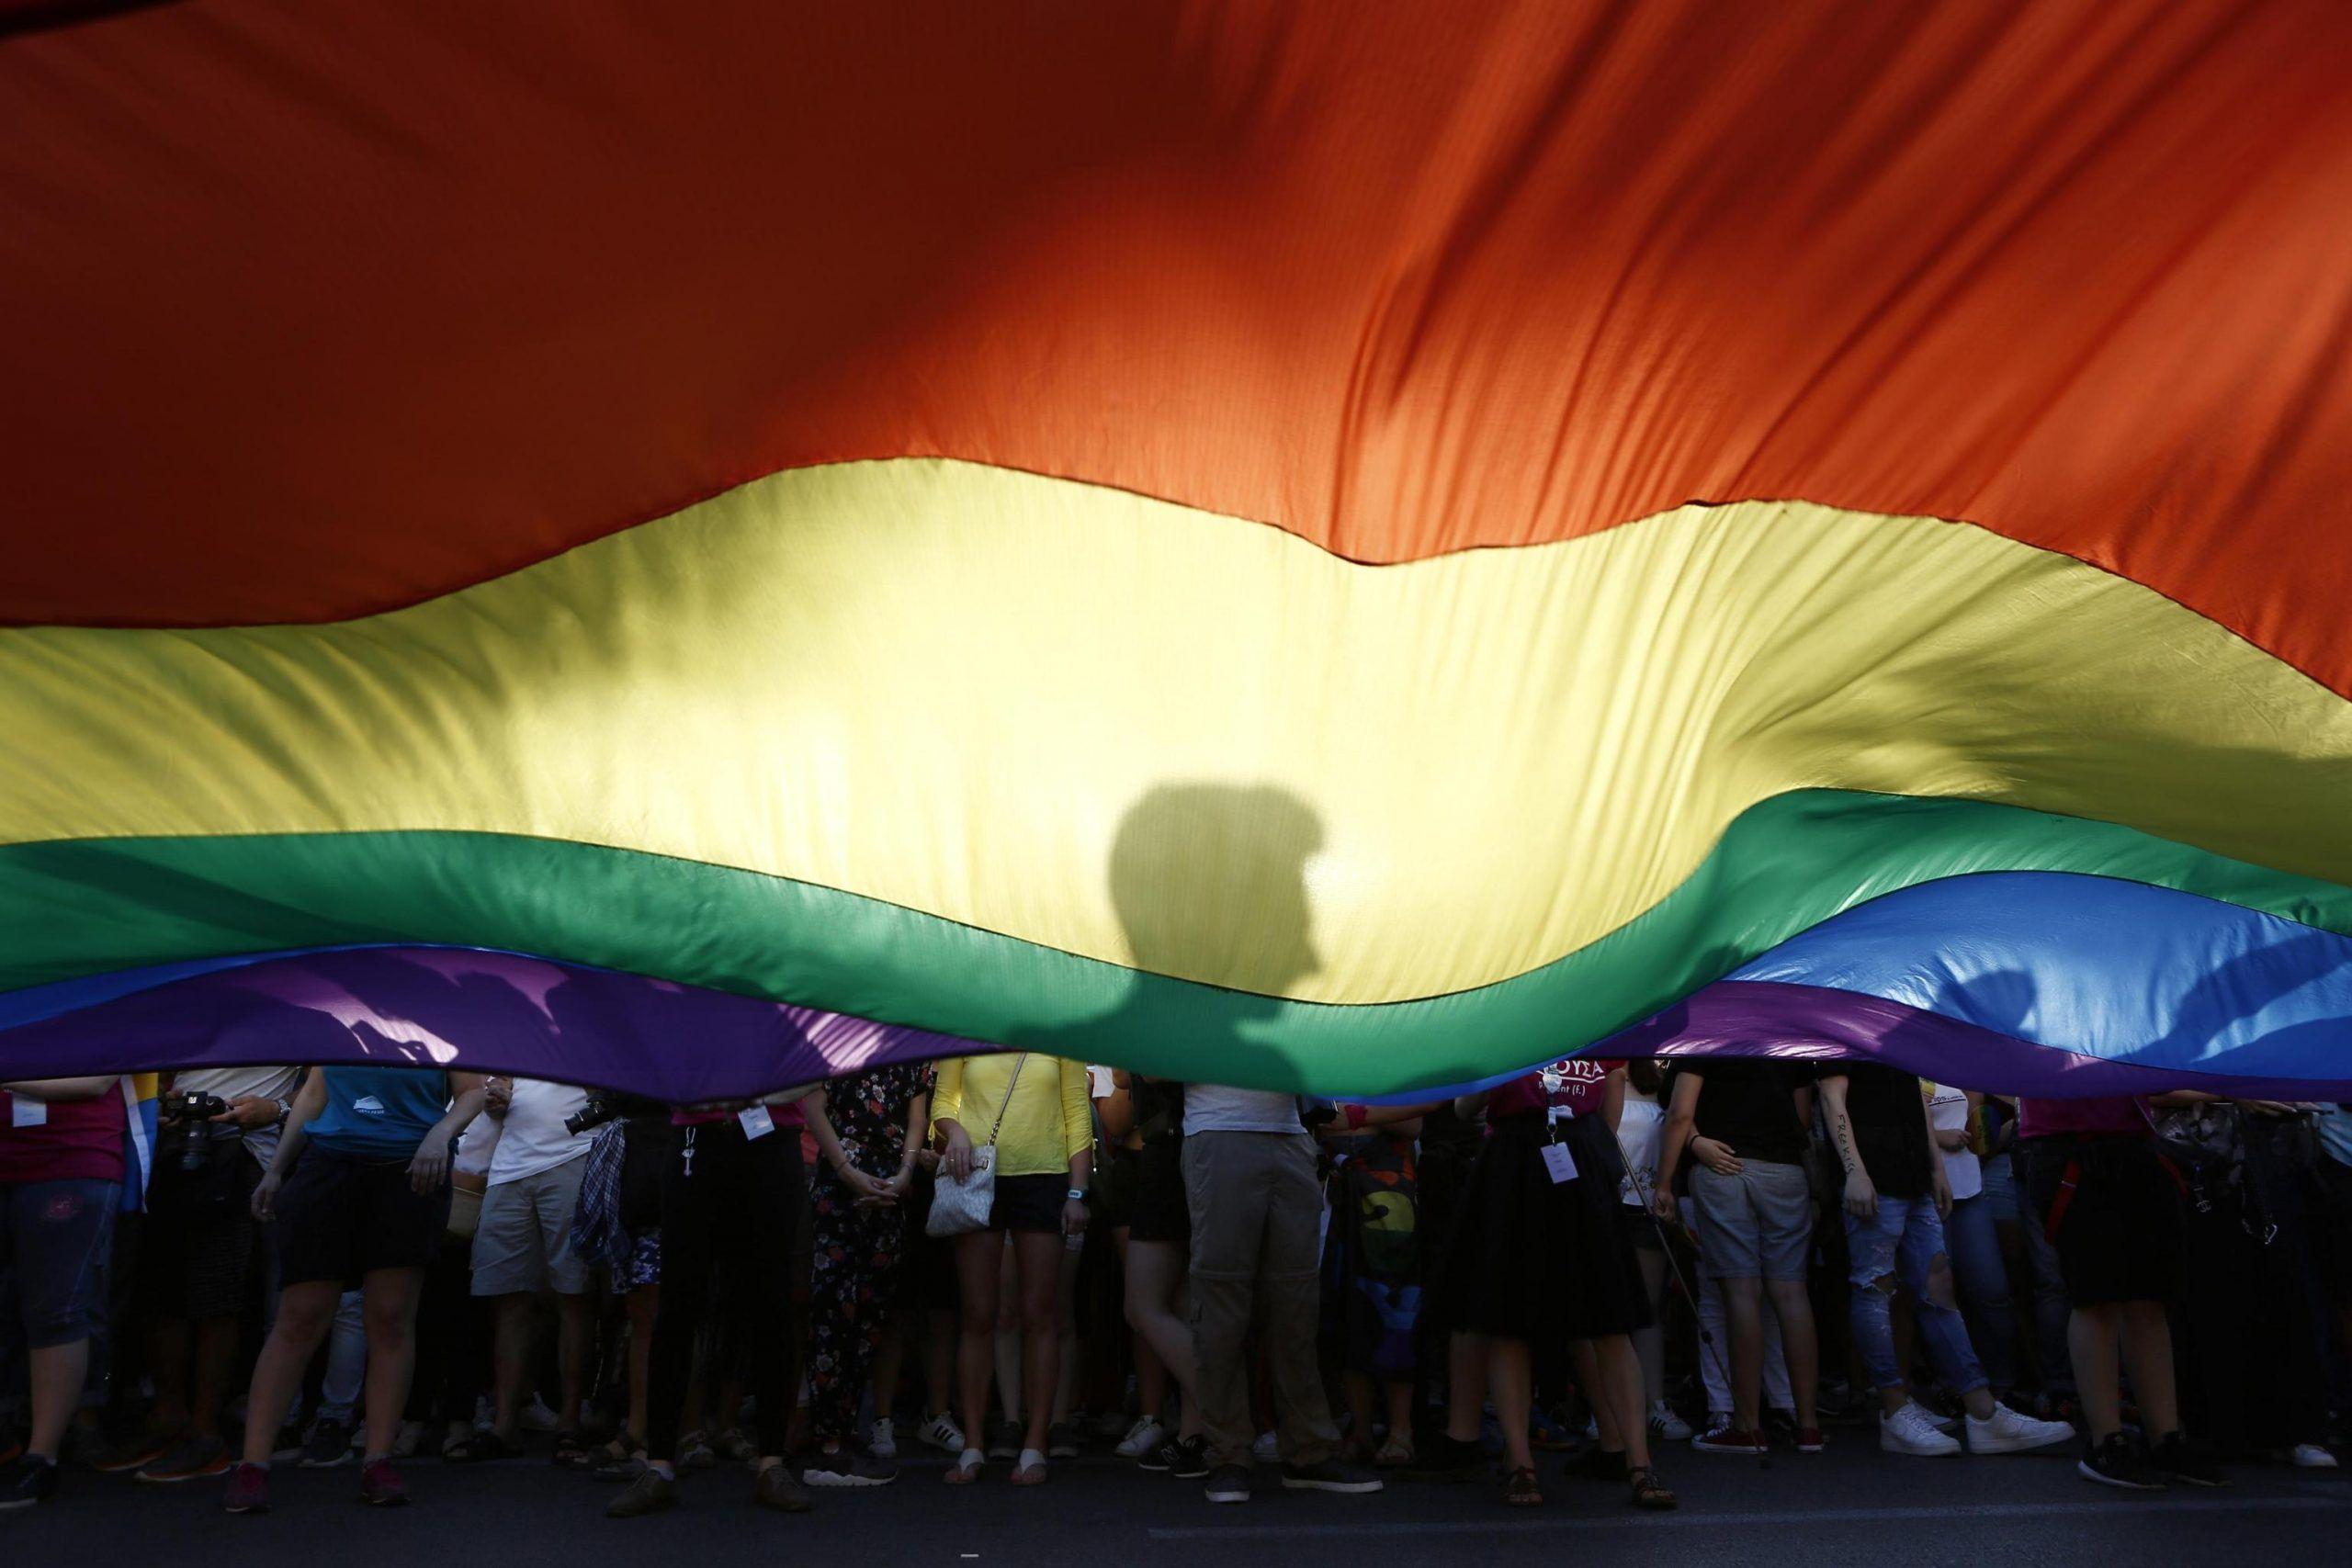 lesbica-discriminata-a-lavoro-sei-un-maschio-mancato